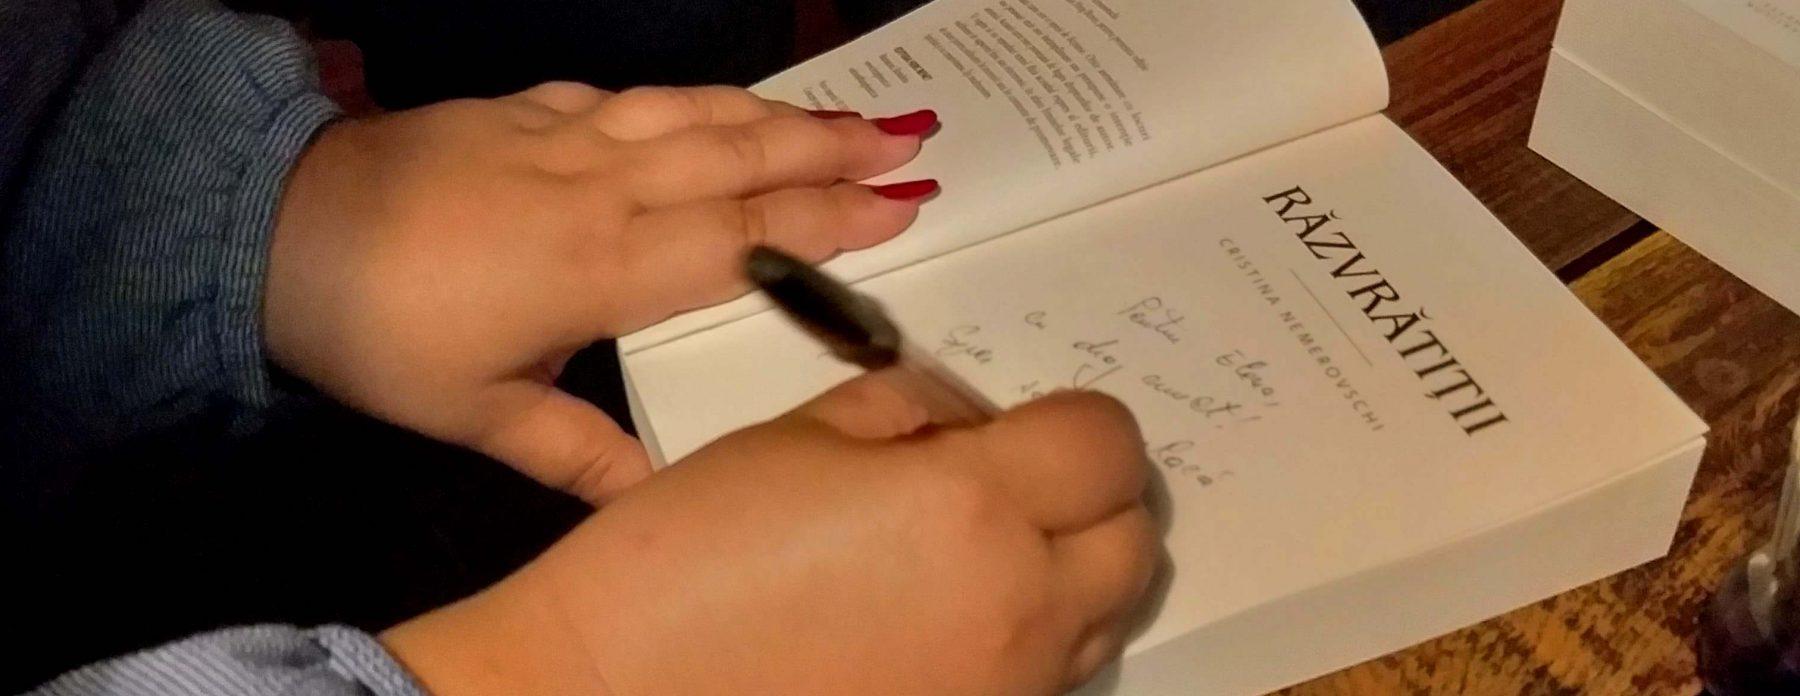 Cristina Nemerovschi atinge subiecte sensibile în noua sa carte. Cum poate o poveste tristă să aibă un impact pozitiv